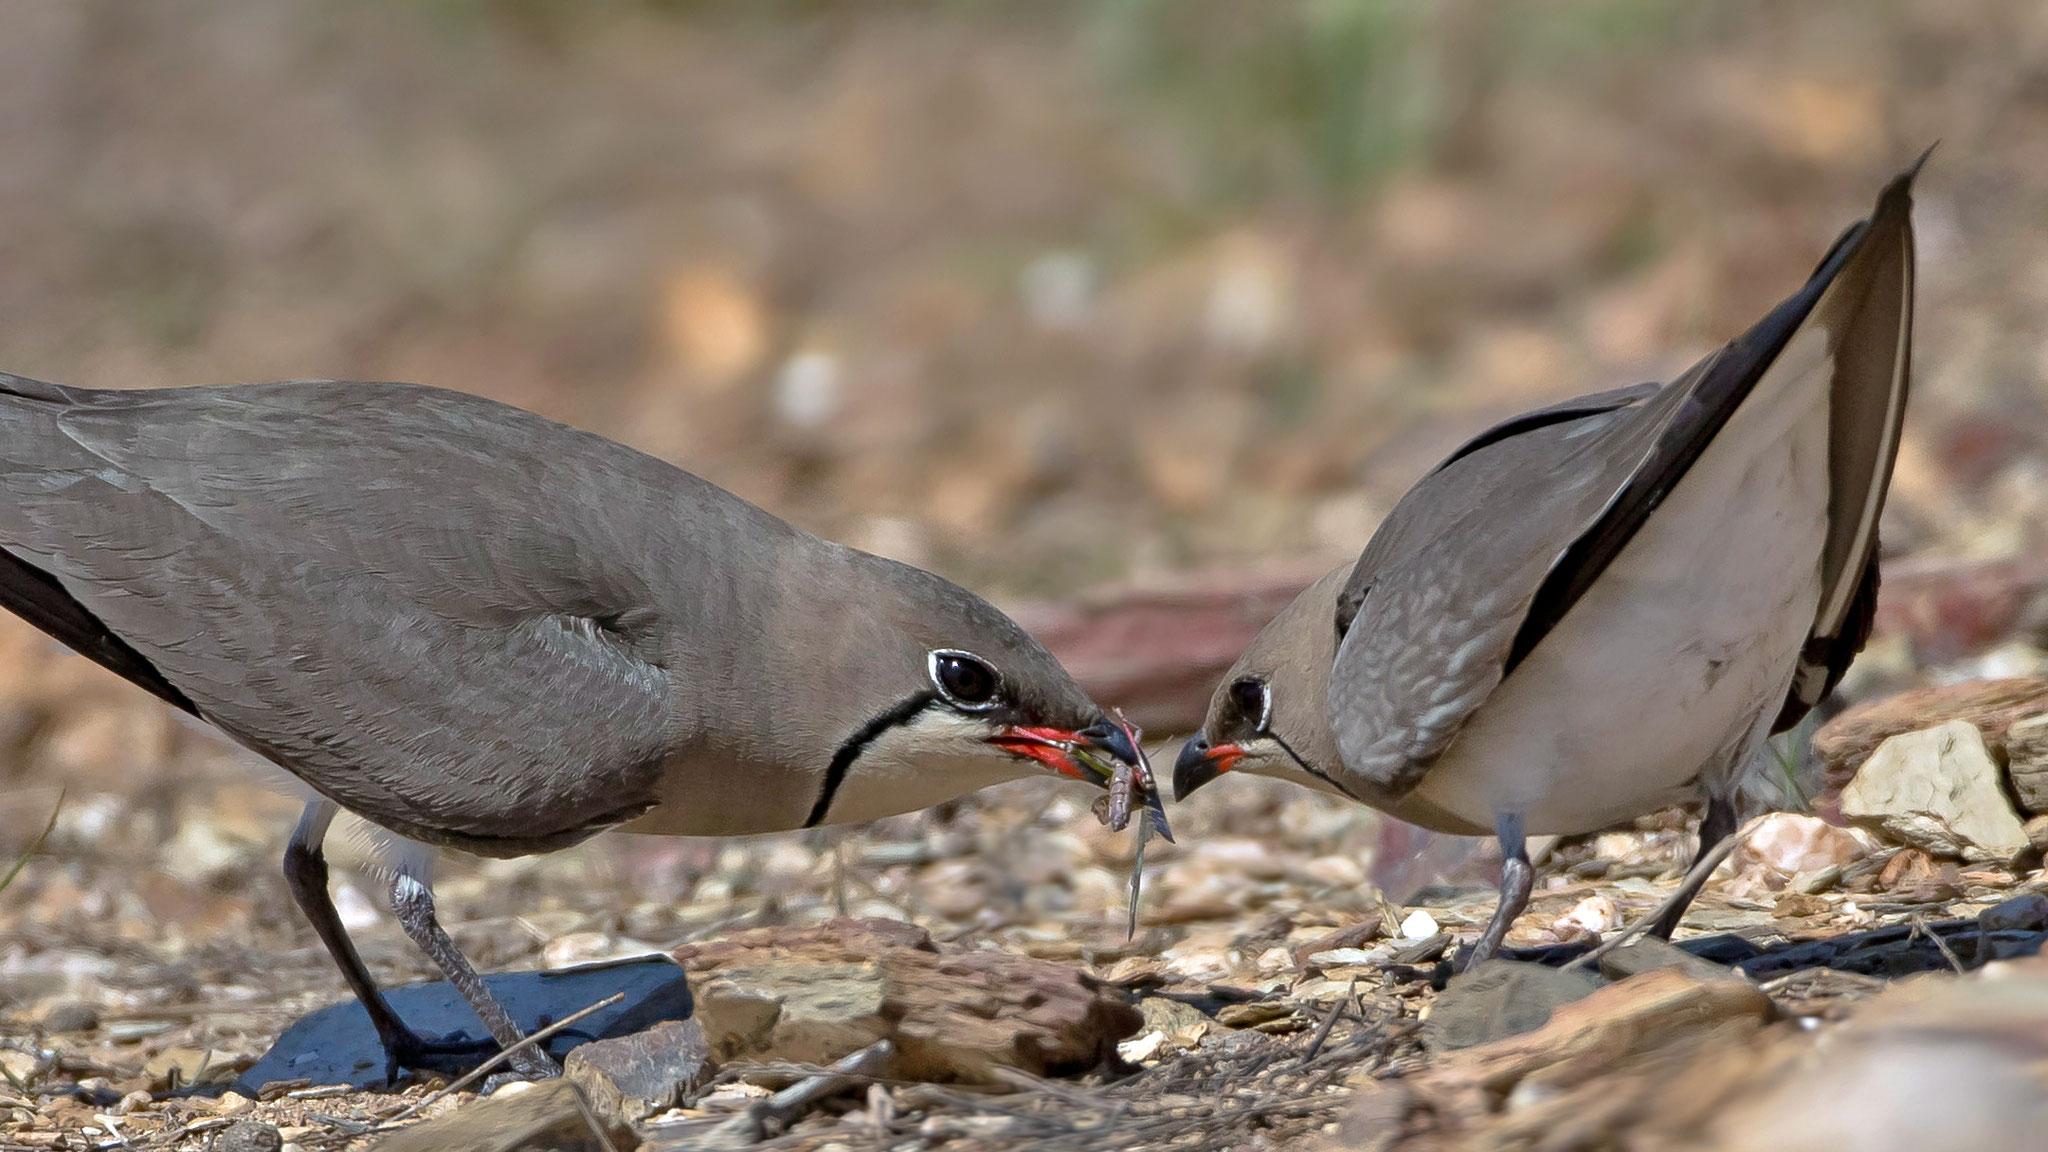 ... sowie die Übergabe von Brautgeschenken - wie bei vielen Vogelarten